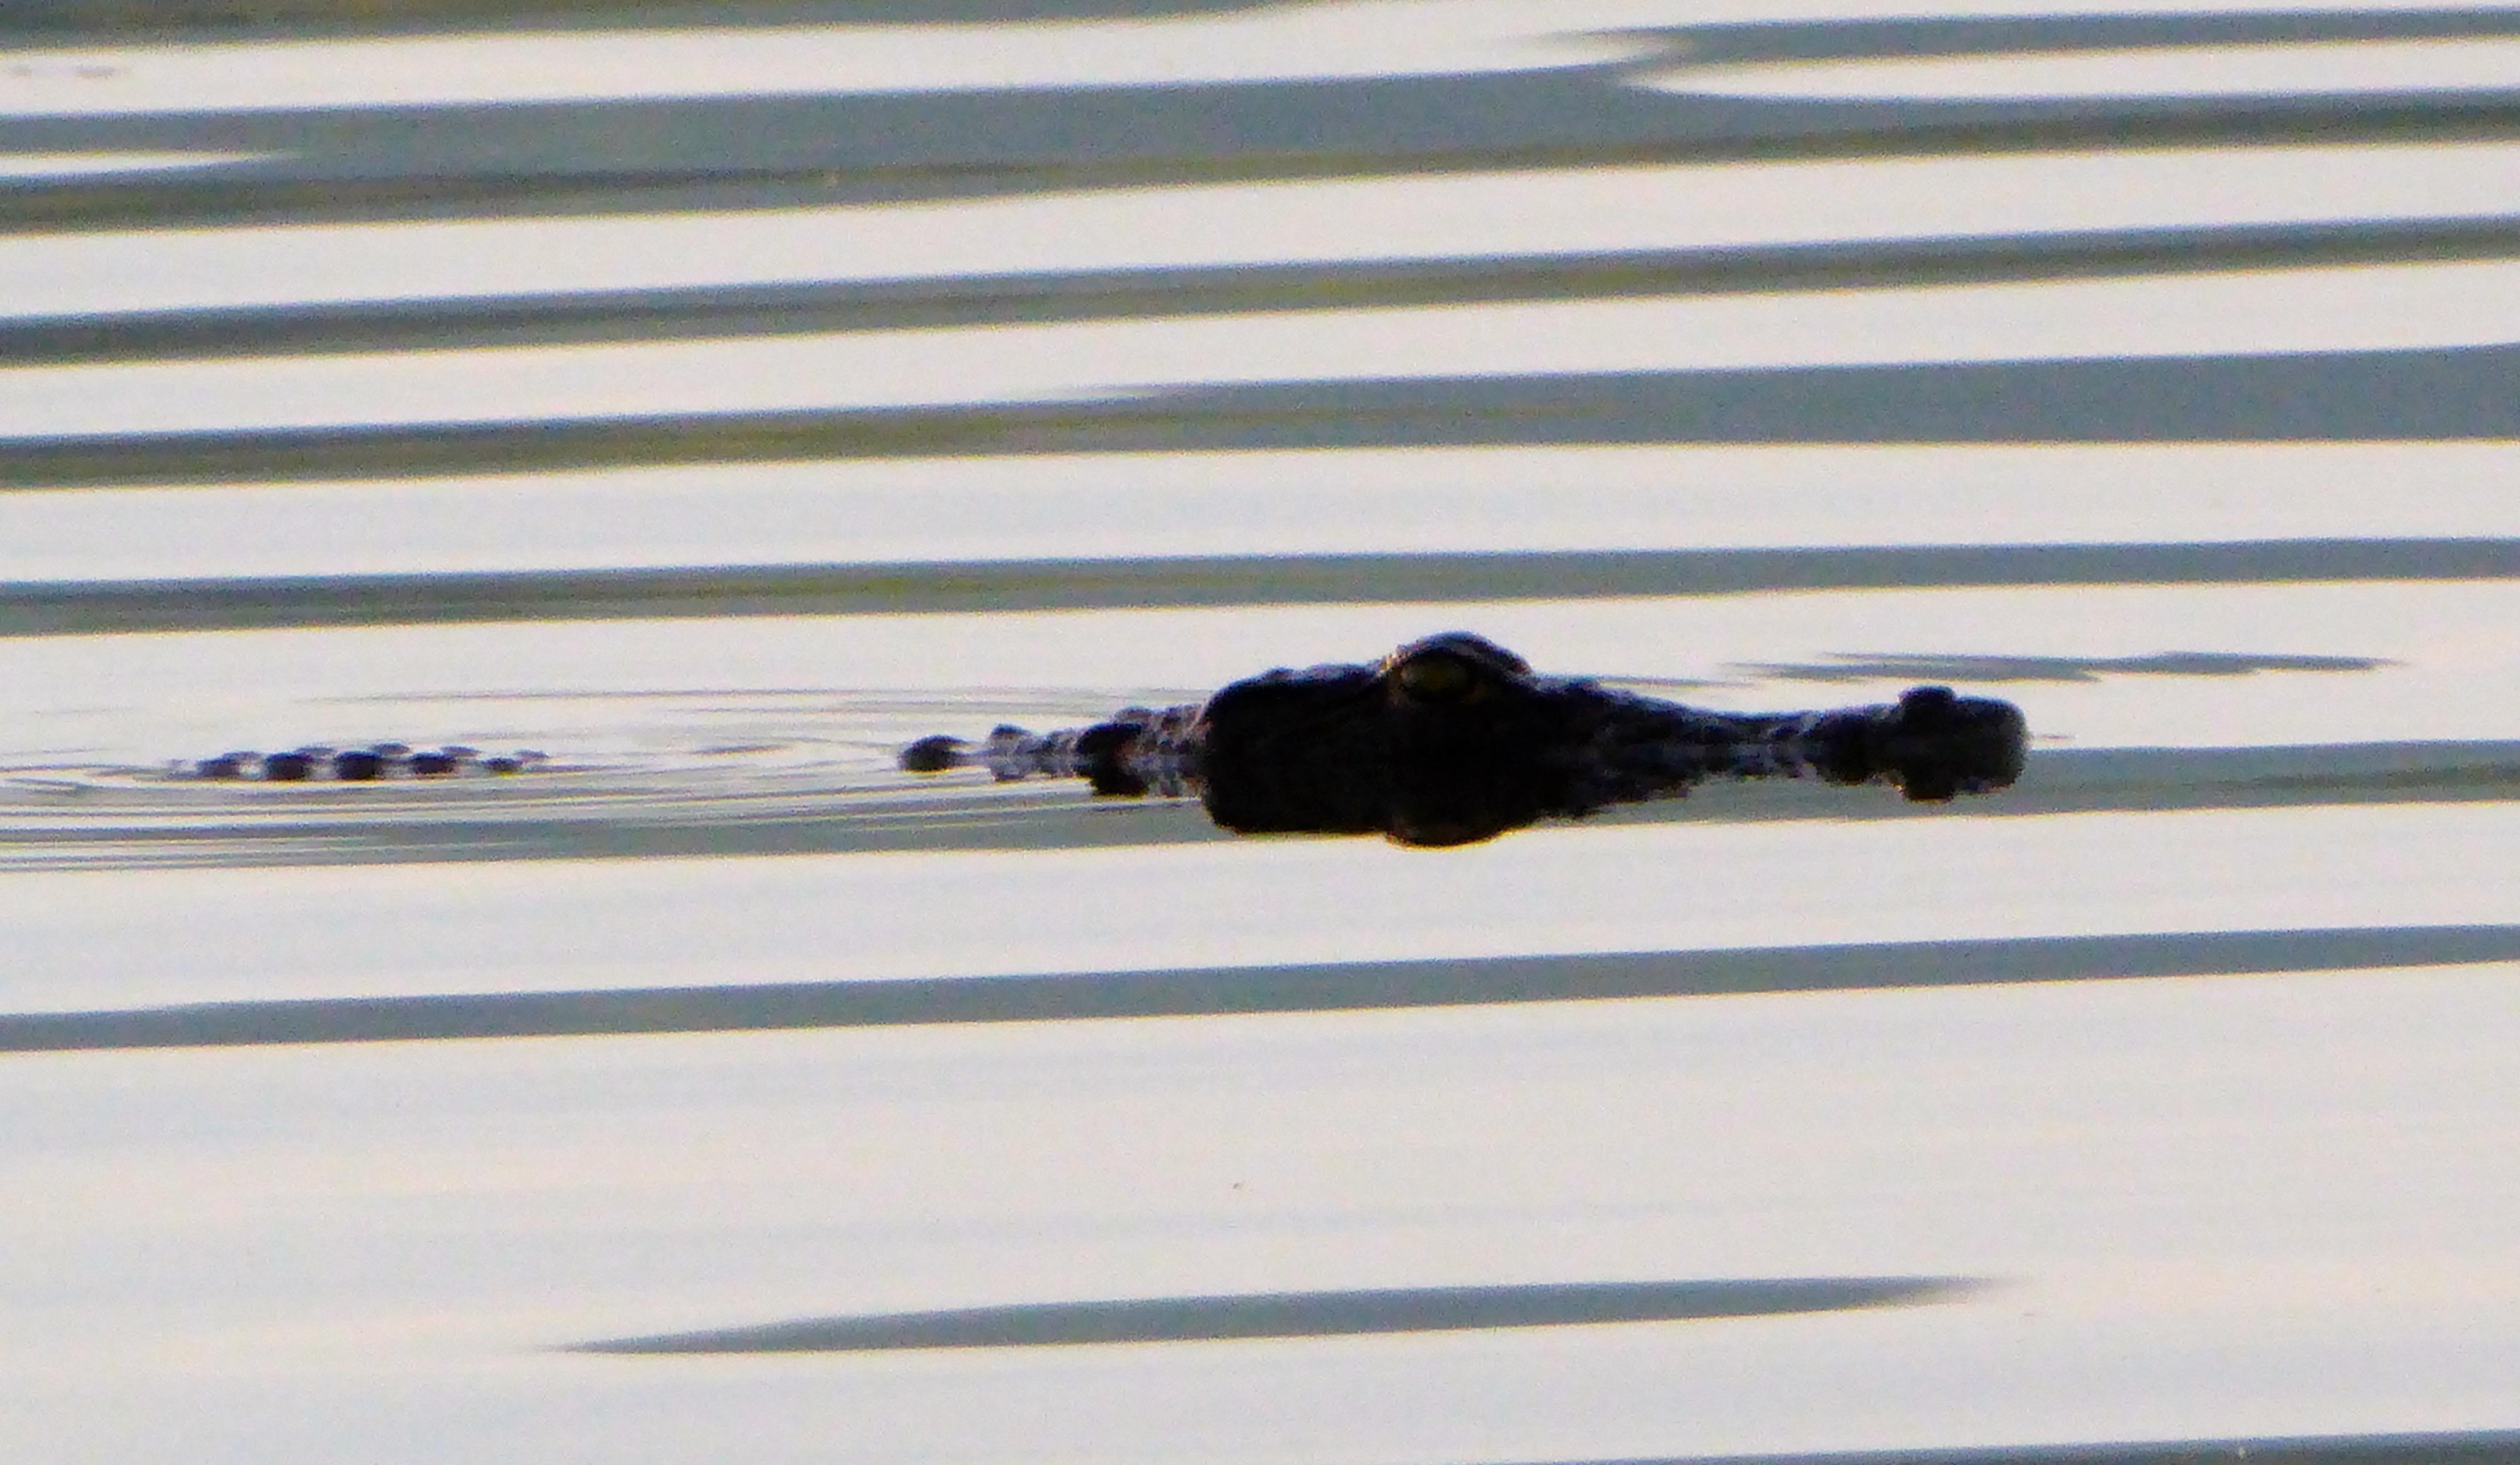 Lotri Bay, Lake Kariba, Zambia - Crocodile